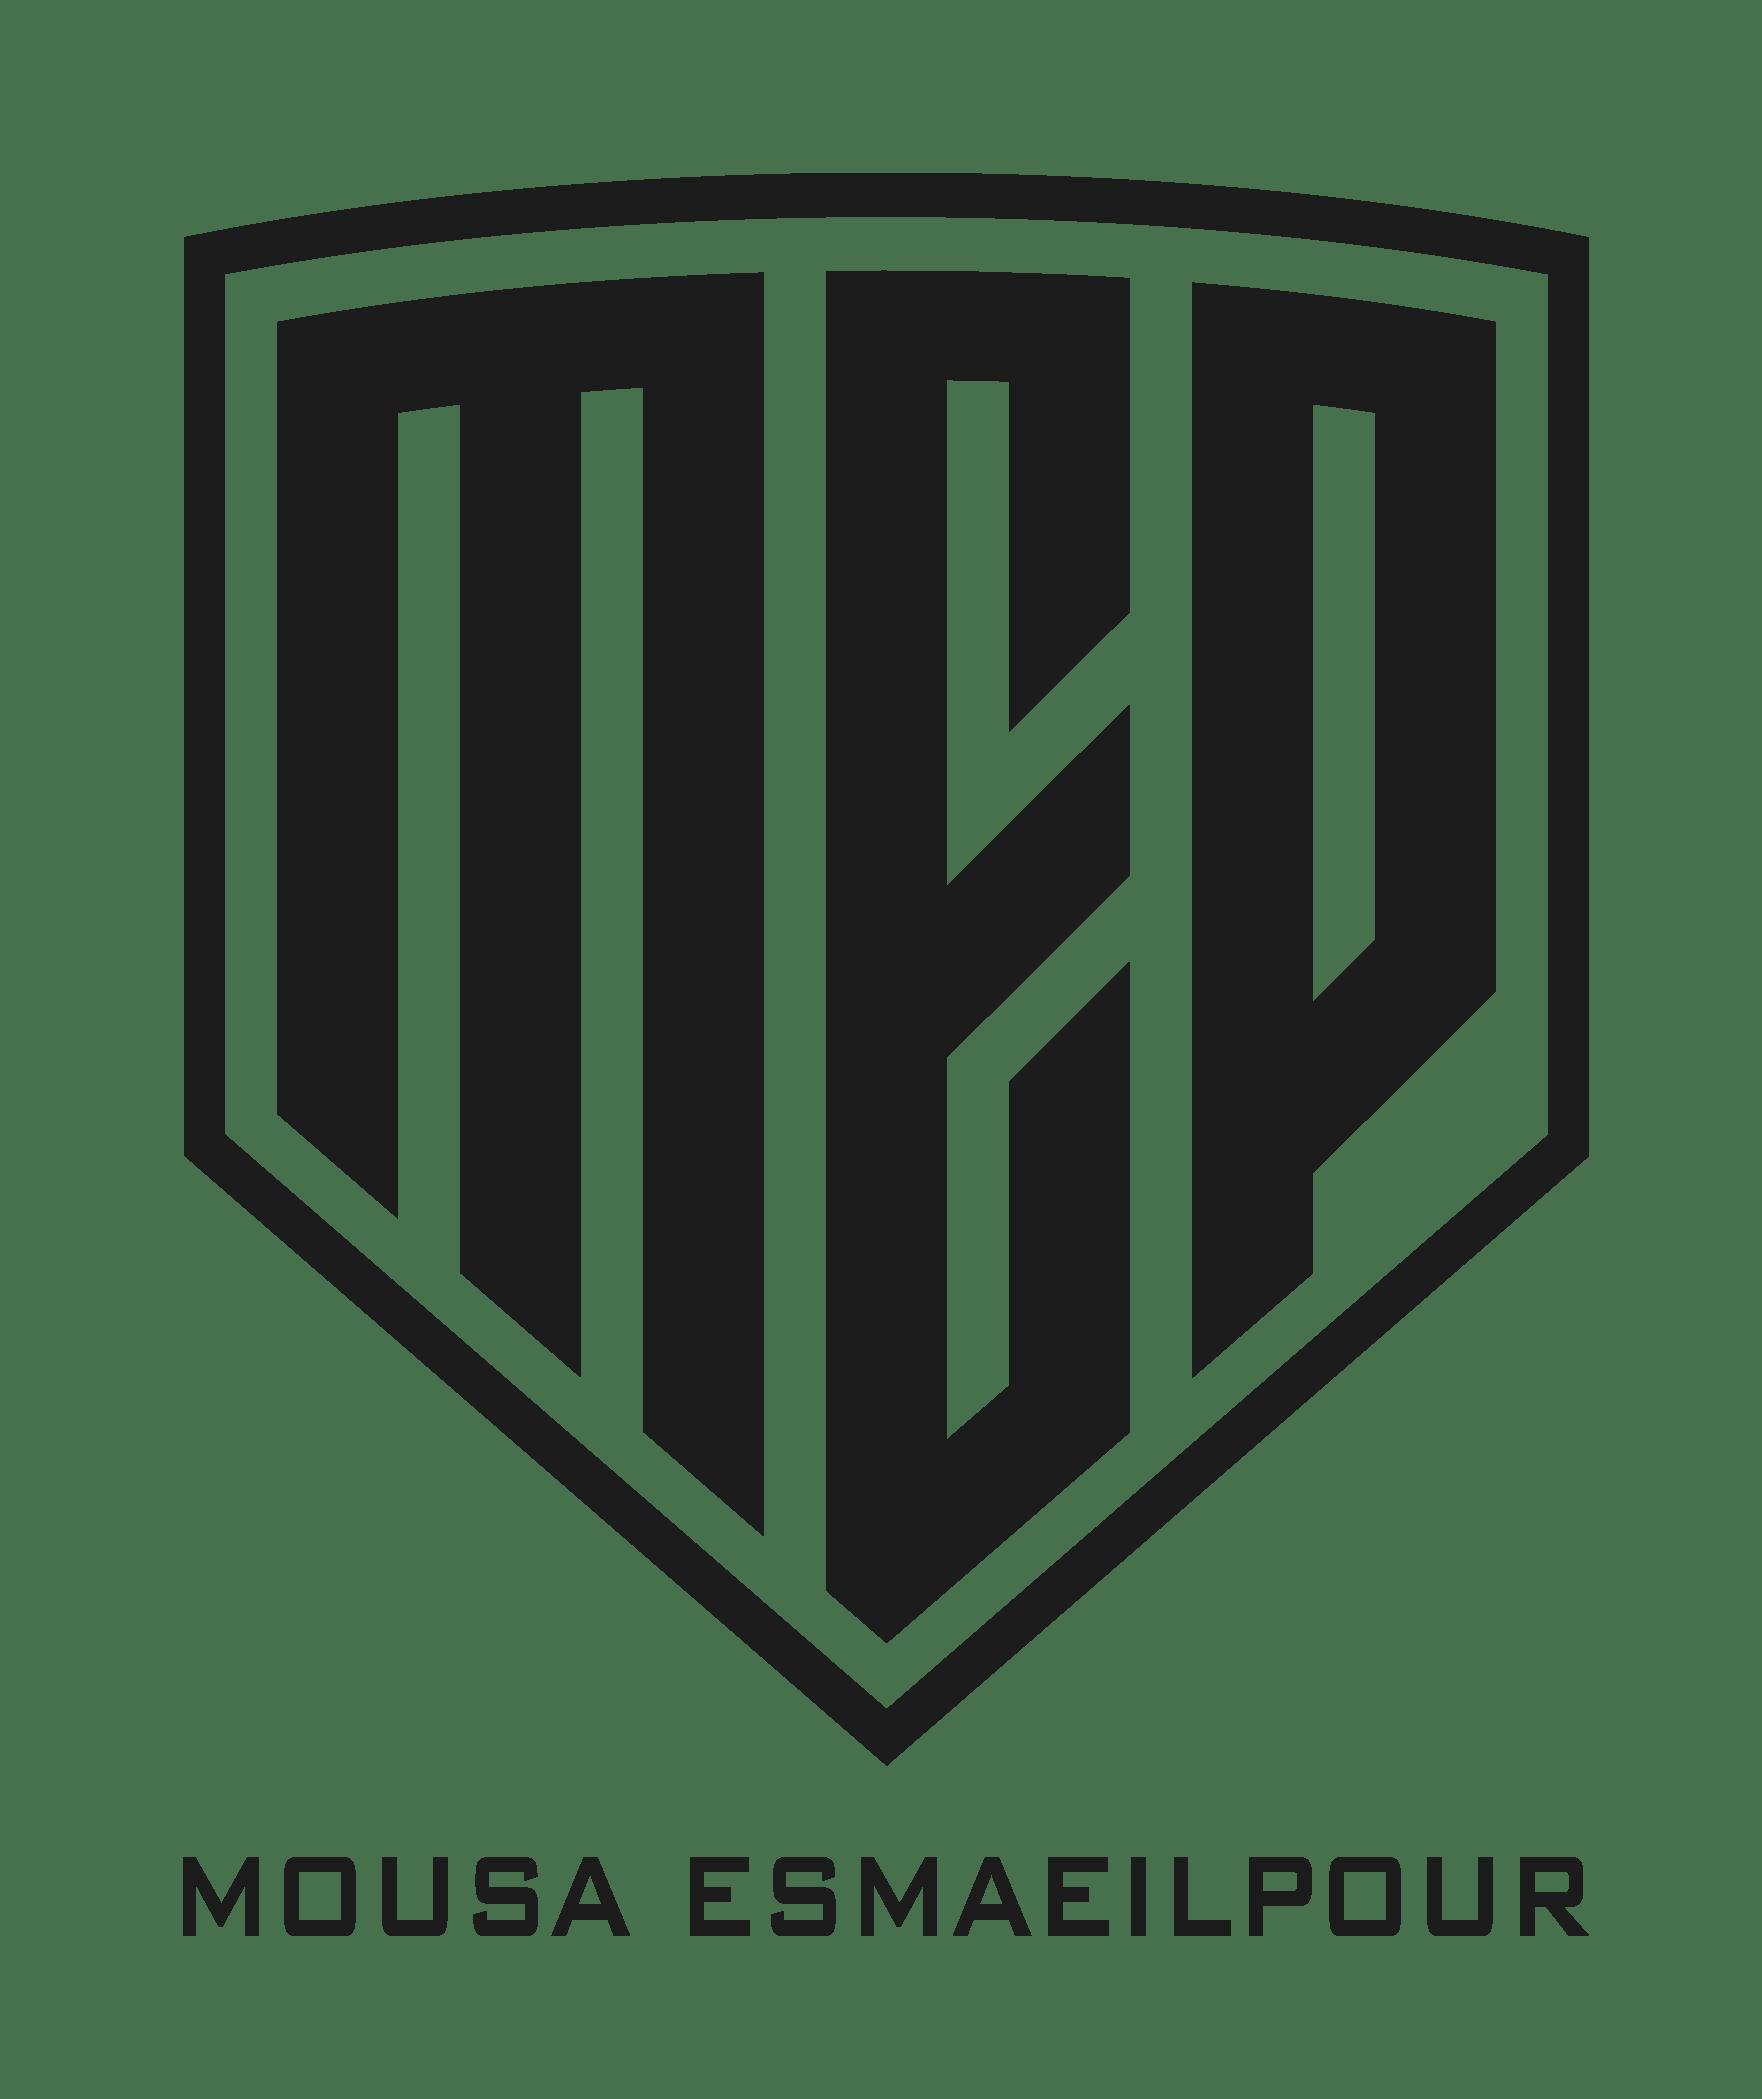 موسی اسماعیل پور | MEP